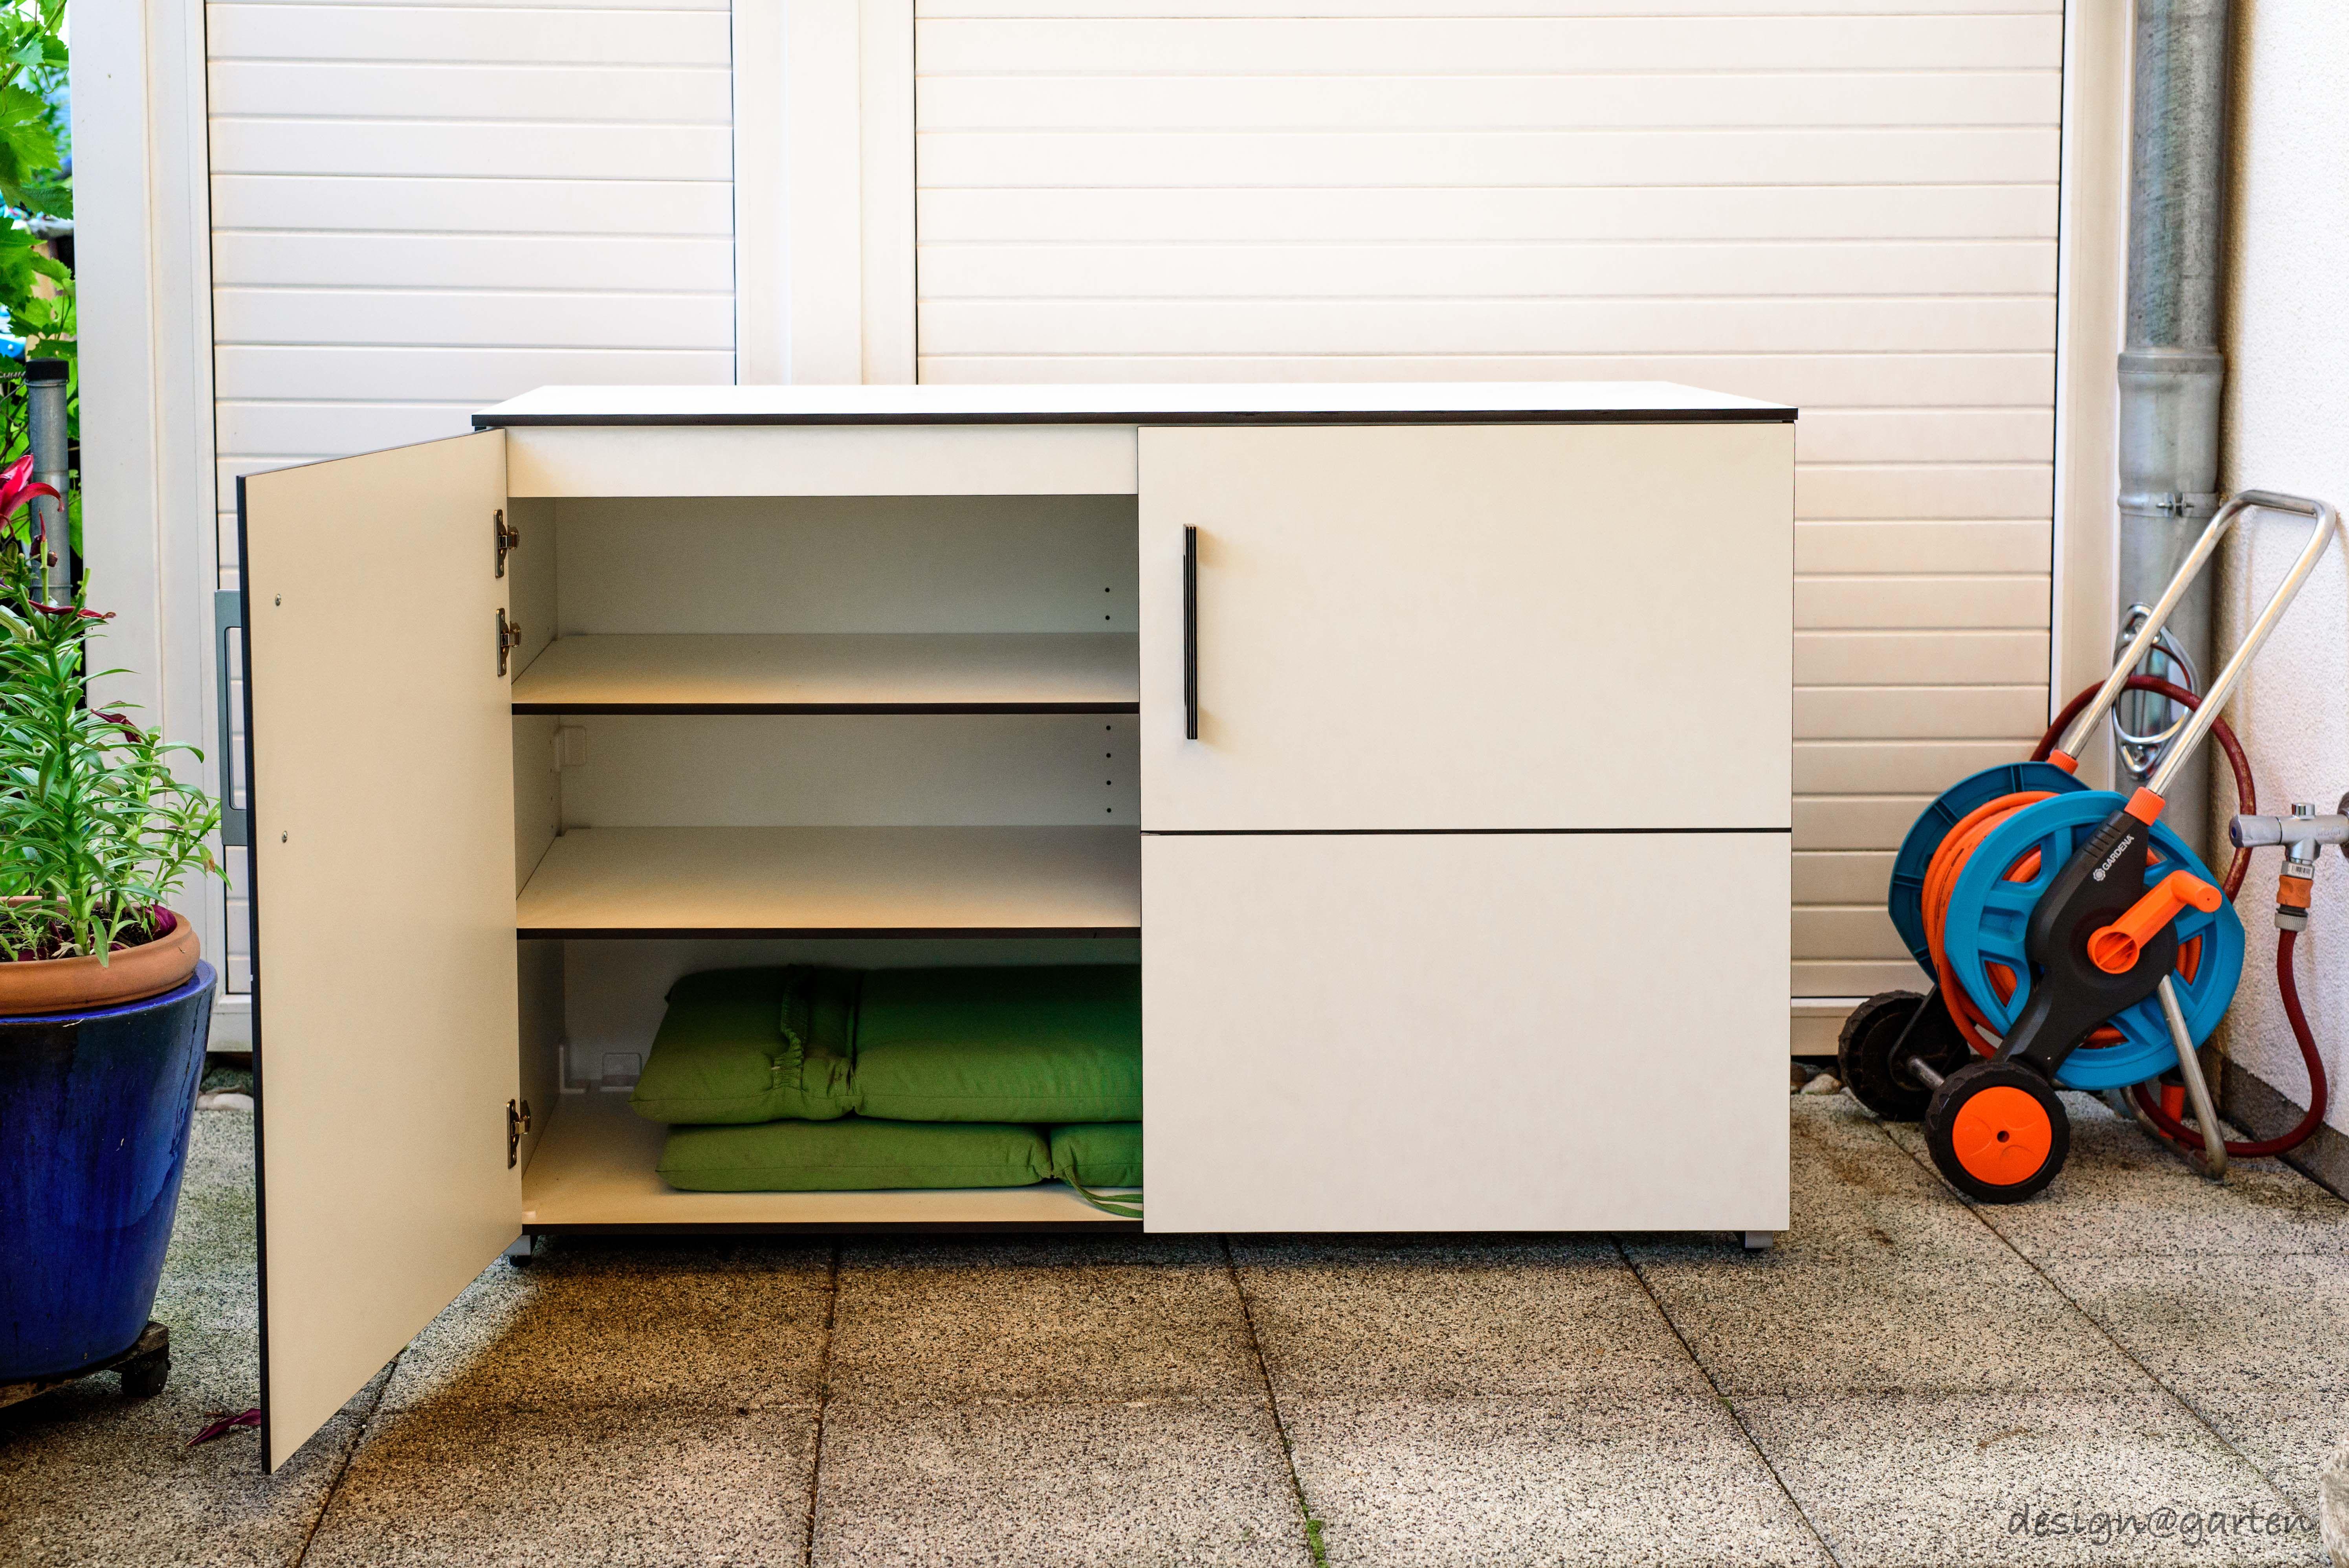 gartenschrank terrassenschrank win by design garten m nchen wetterfest regensicher uv. Black Bedroom Furniture Sets. Home Design Ideas